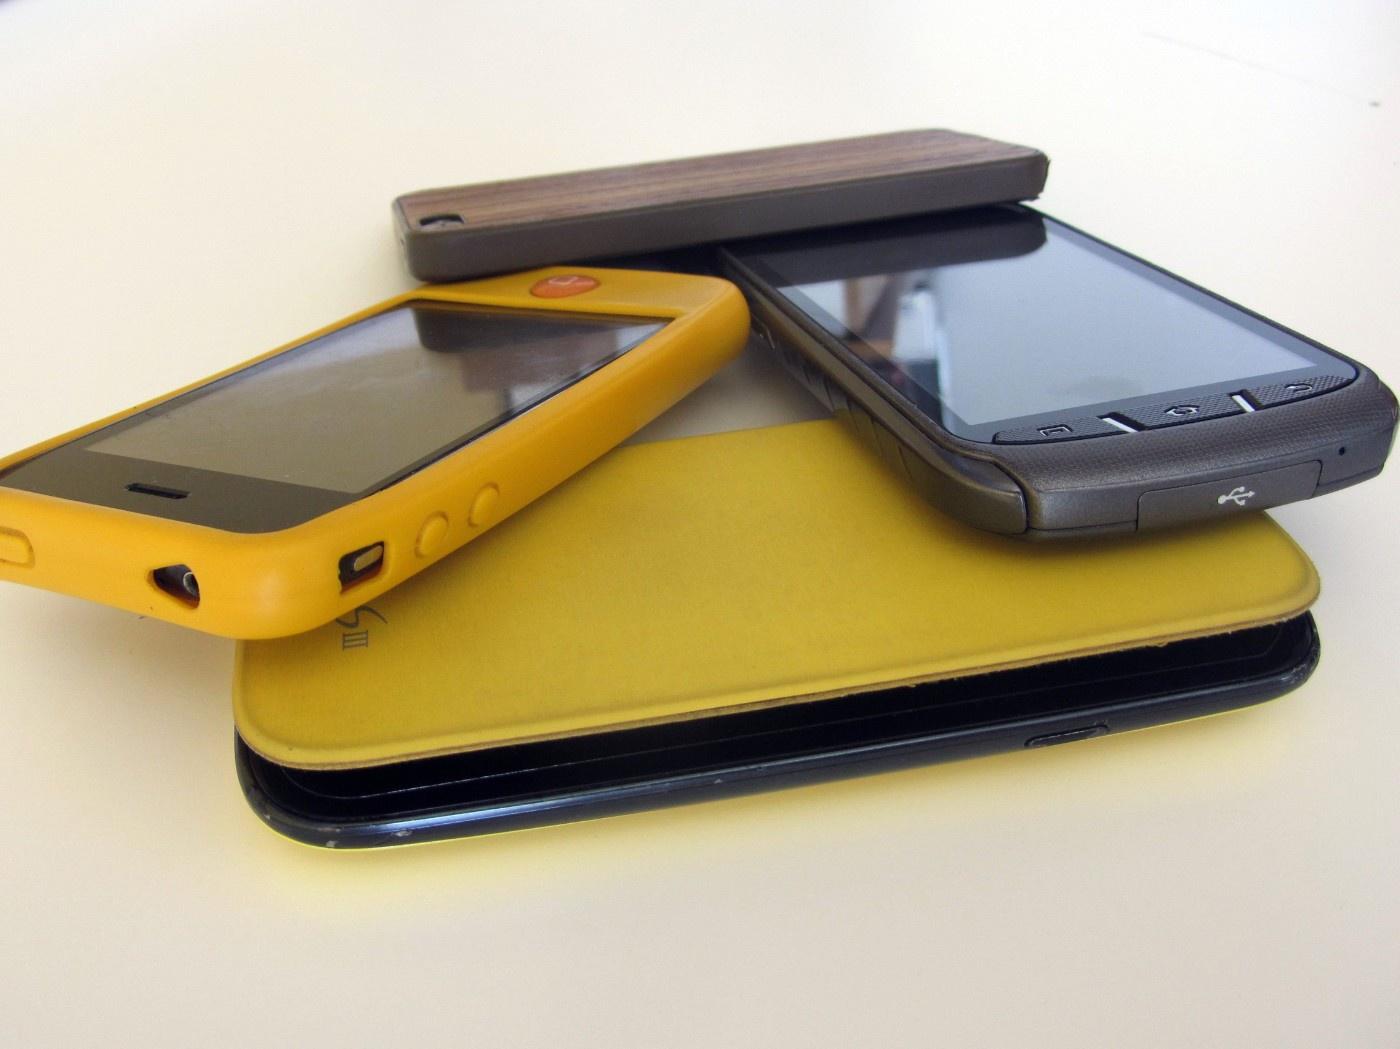 Samrtphones